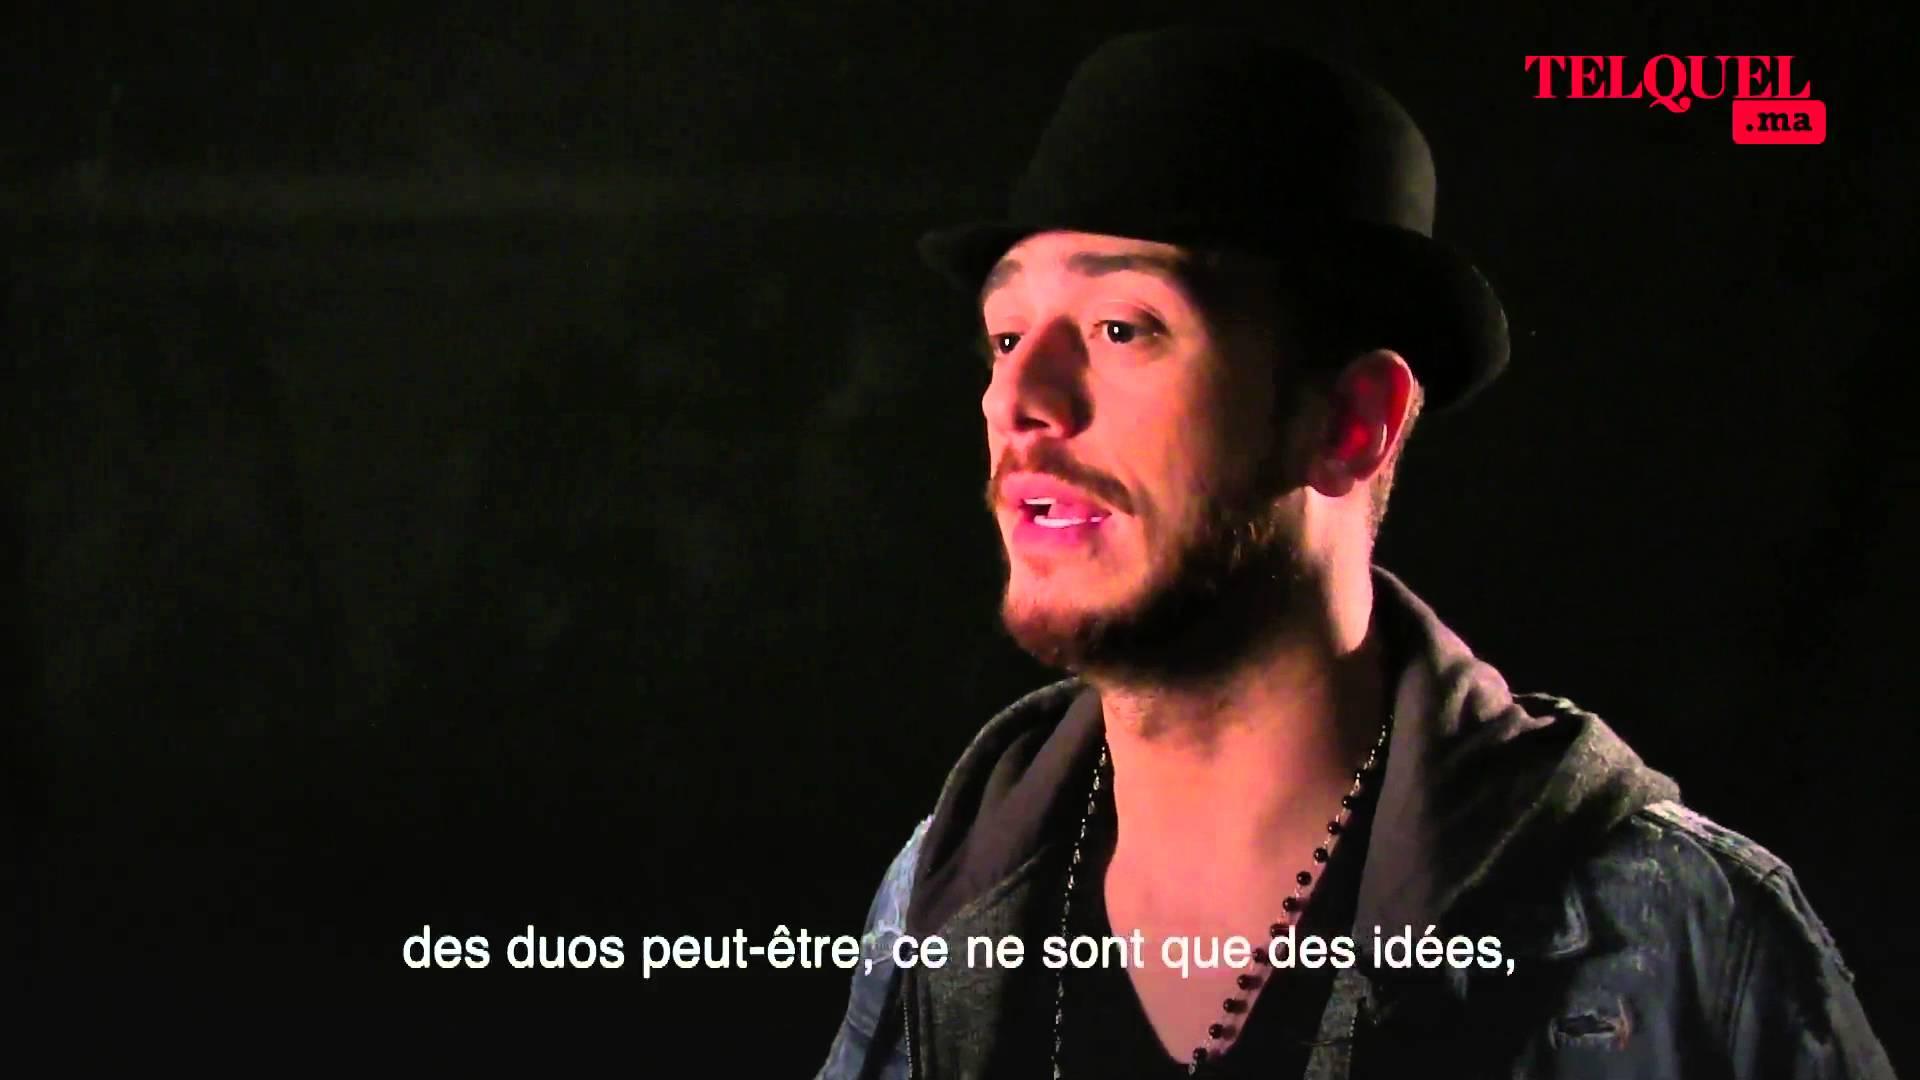 أول ظهور للفنان سعيد الصنهاجي بفيديو